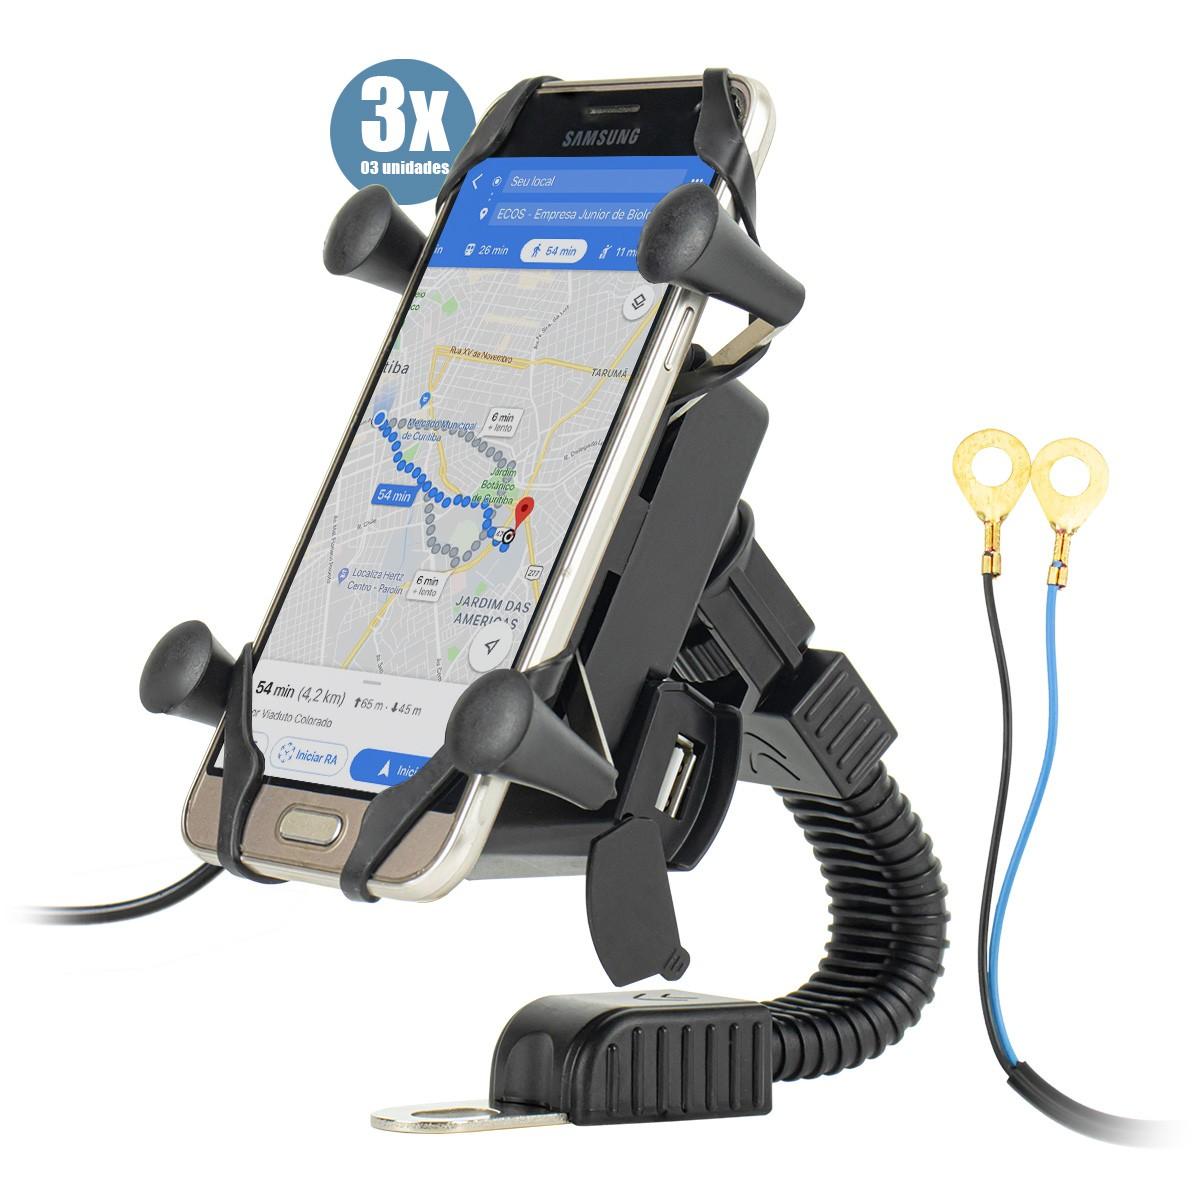 KIT 3x Suporte de Celular para Moto Retrovisor com Carregador IT-Blue LE-041